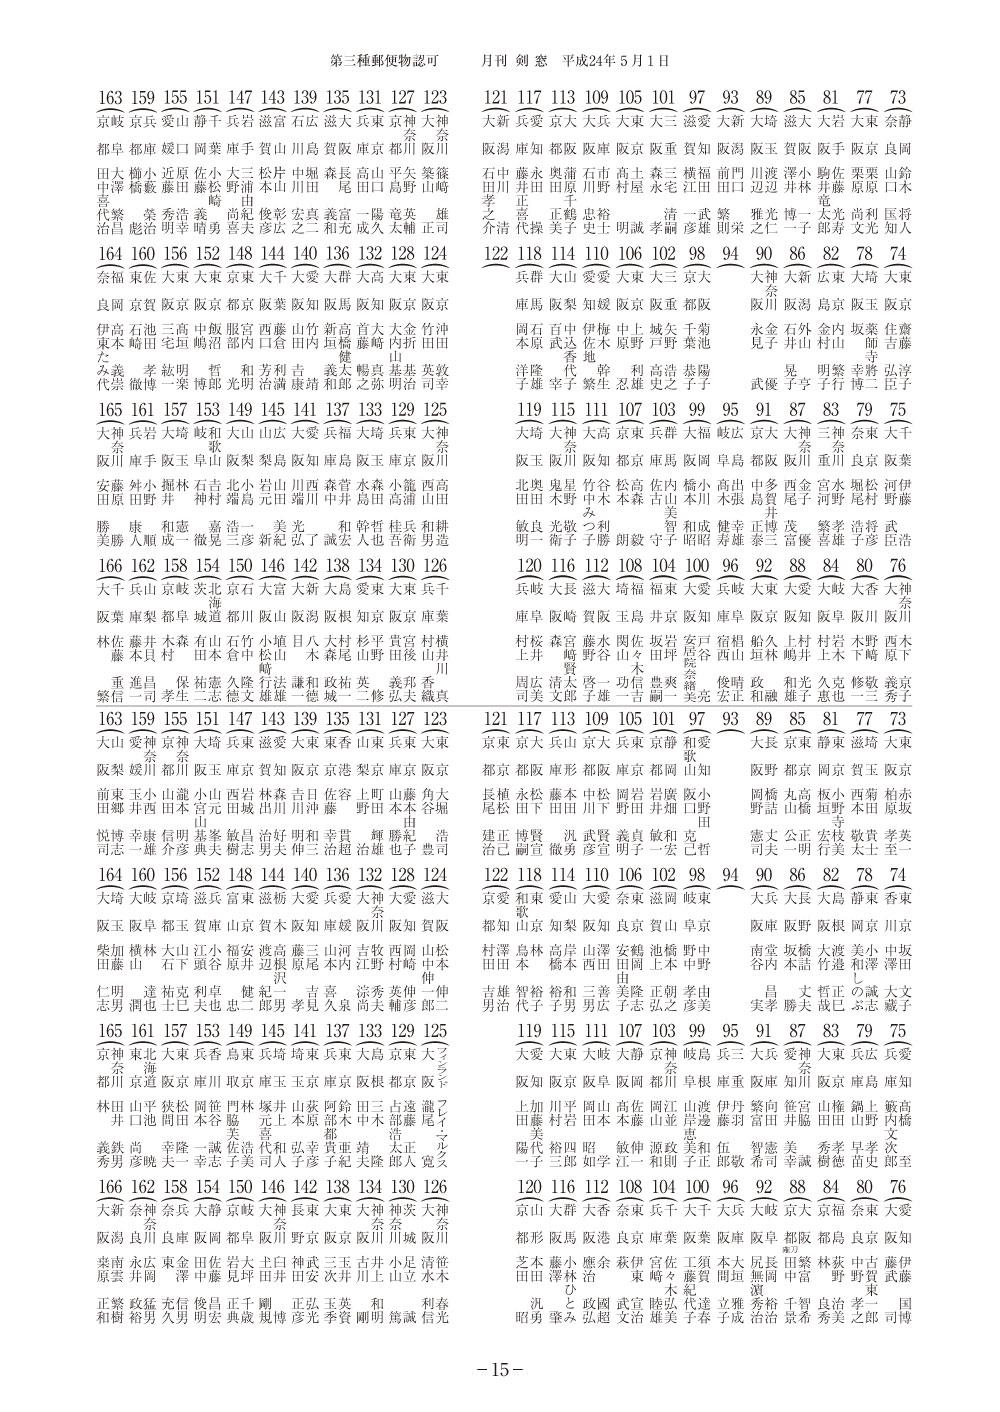 第108回全日本剣道演武大会(剣道)組合せ_002